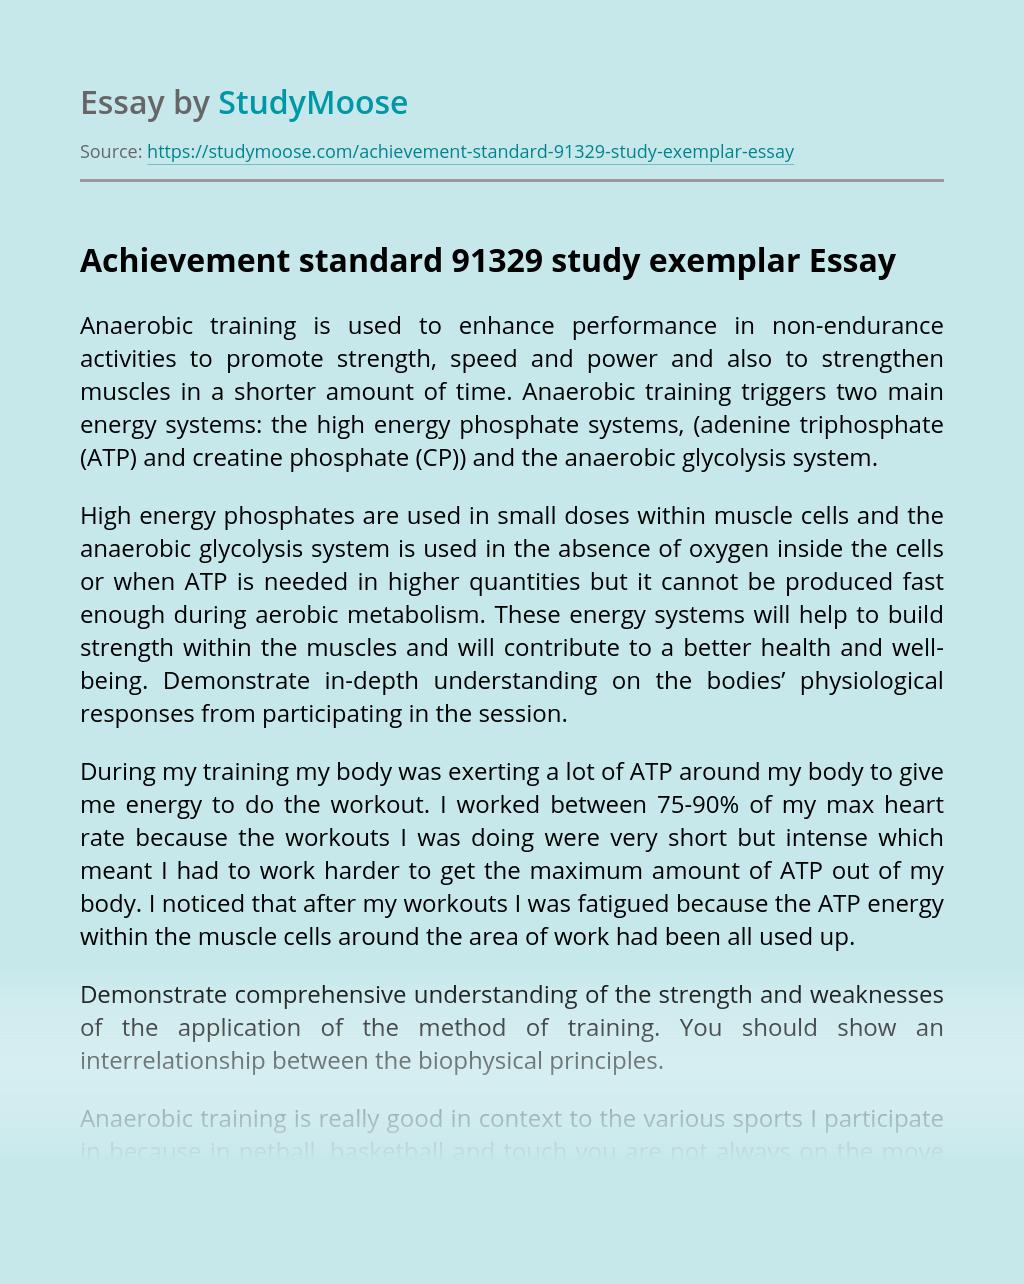 Achievement standard 91329 study exemplar